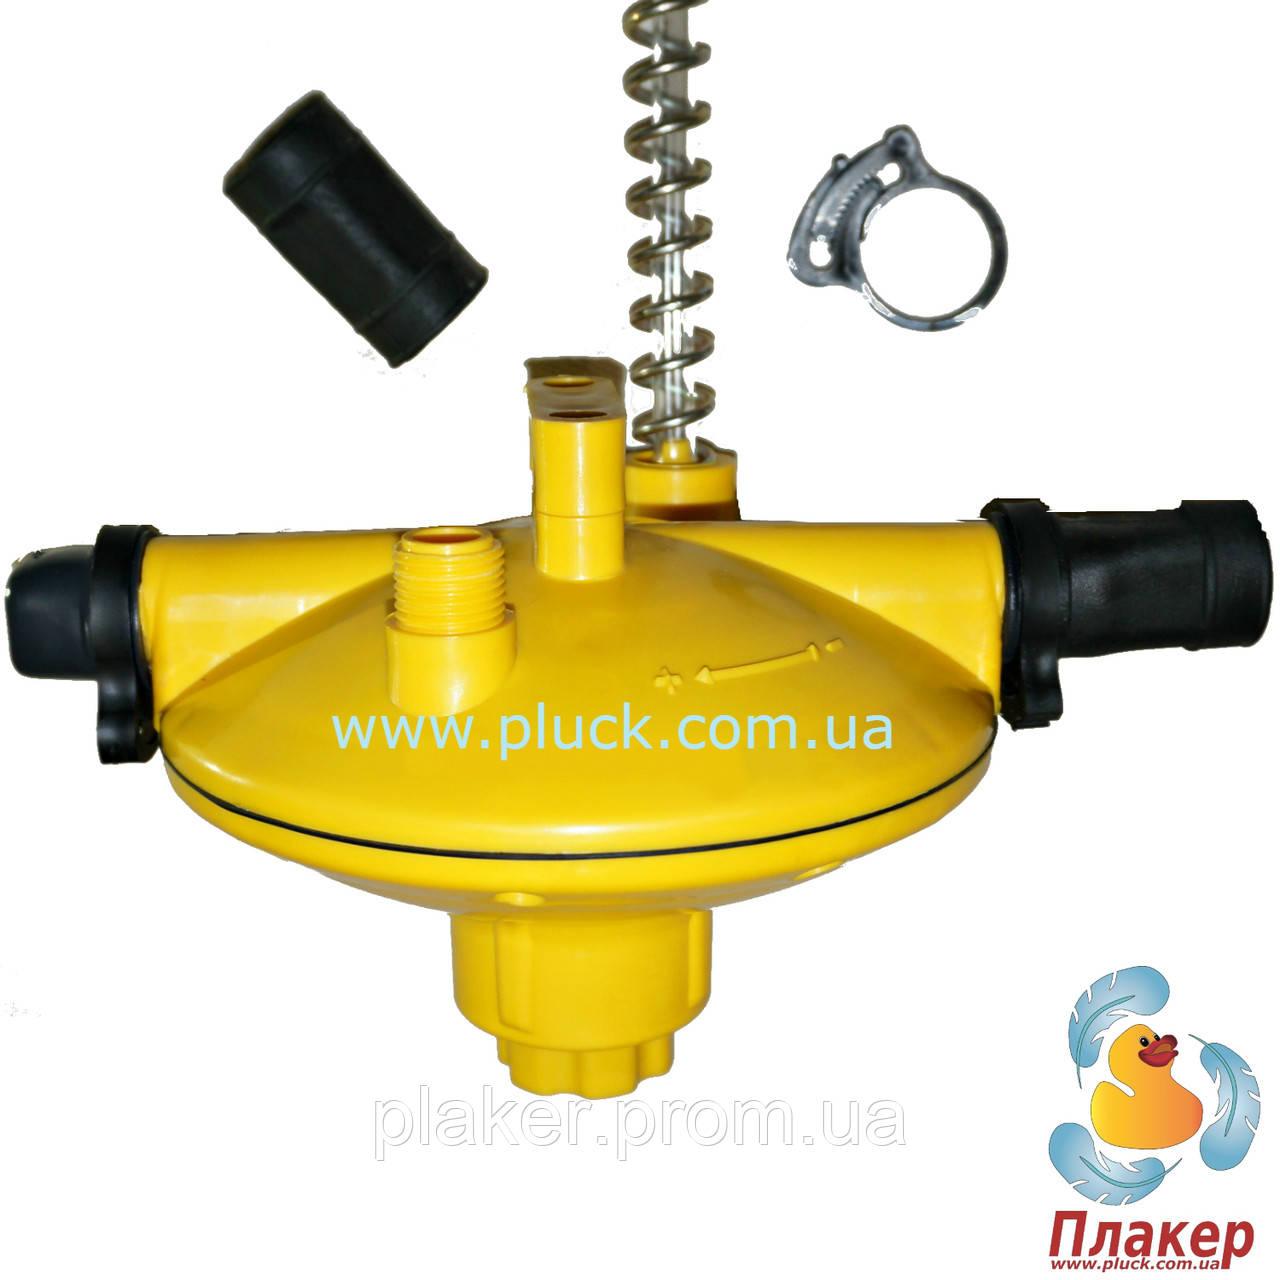 Регулятор давления воды в системе ниппельного поения